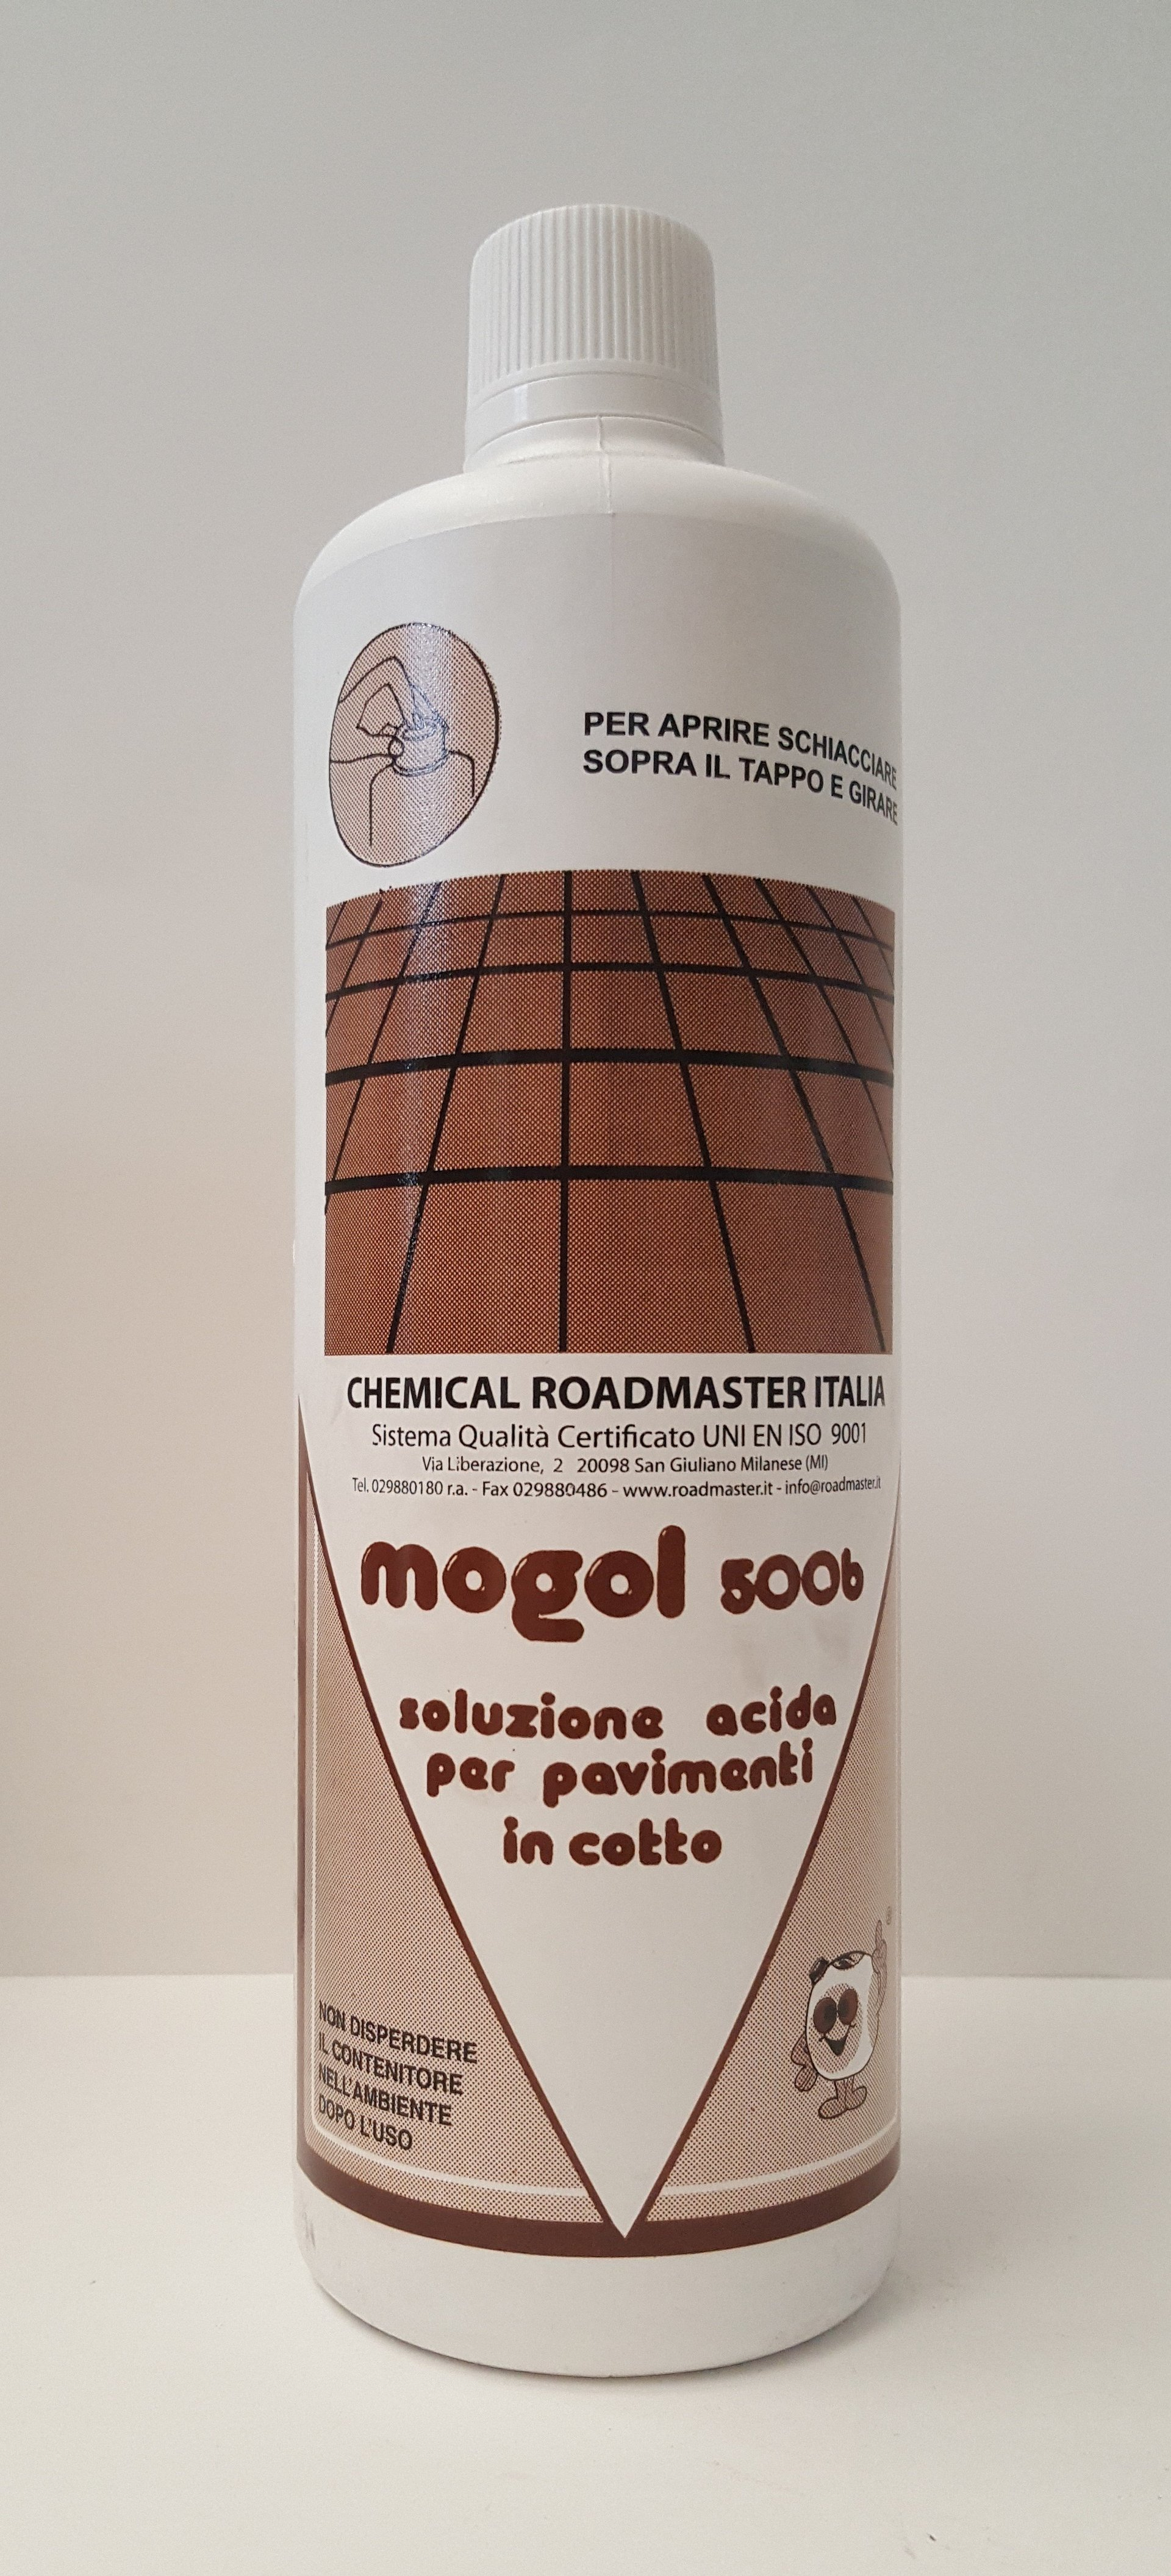 MOGOL 5006 SOLUZIONE ACIDA PER PAVIMENTI IN COTTO